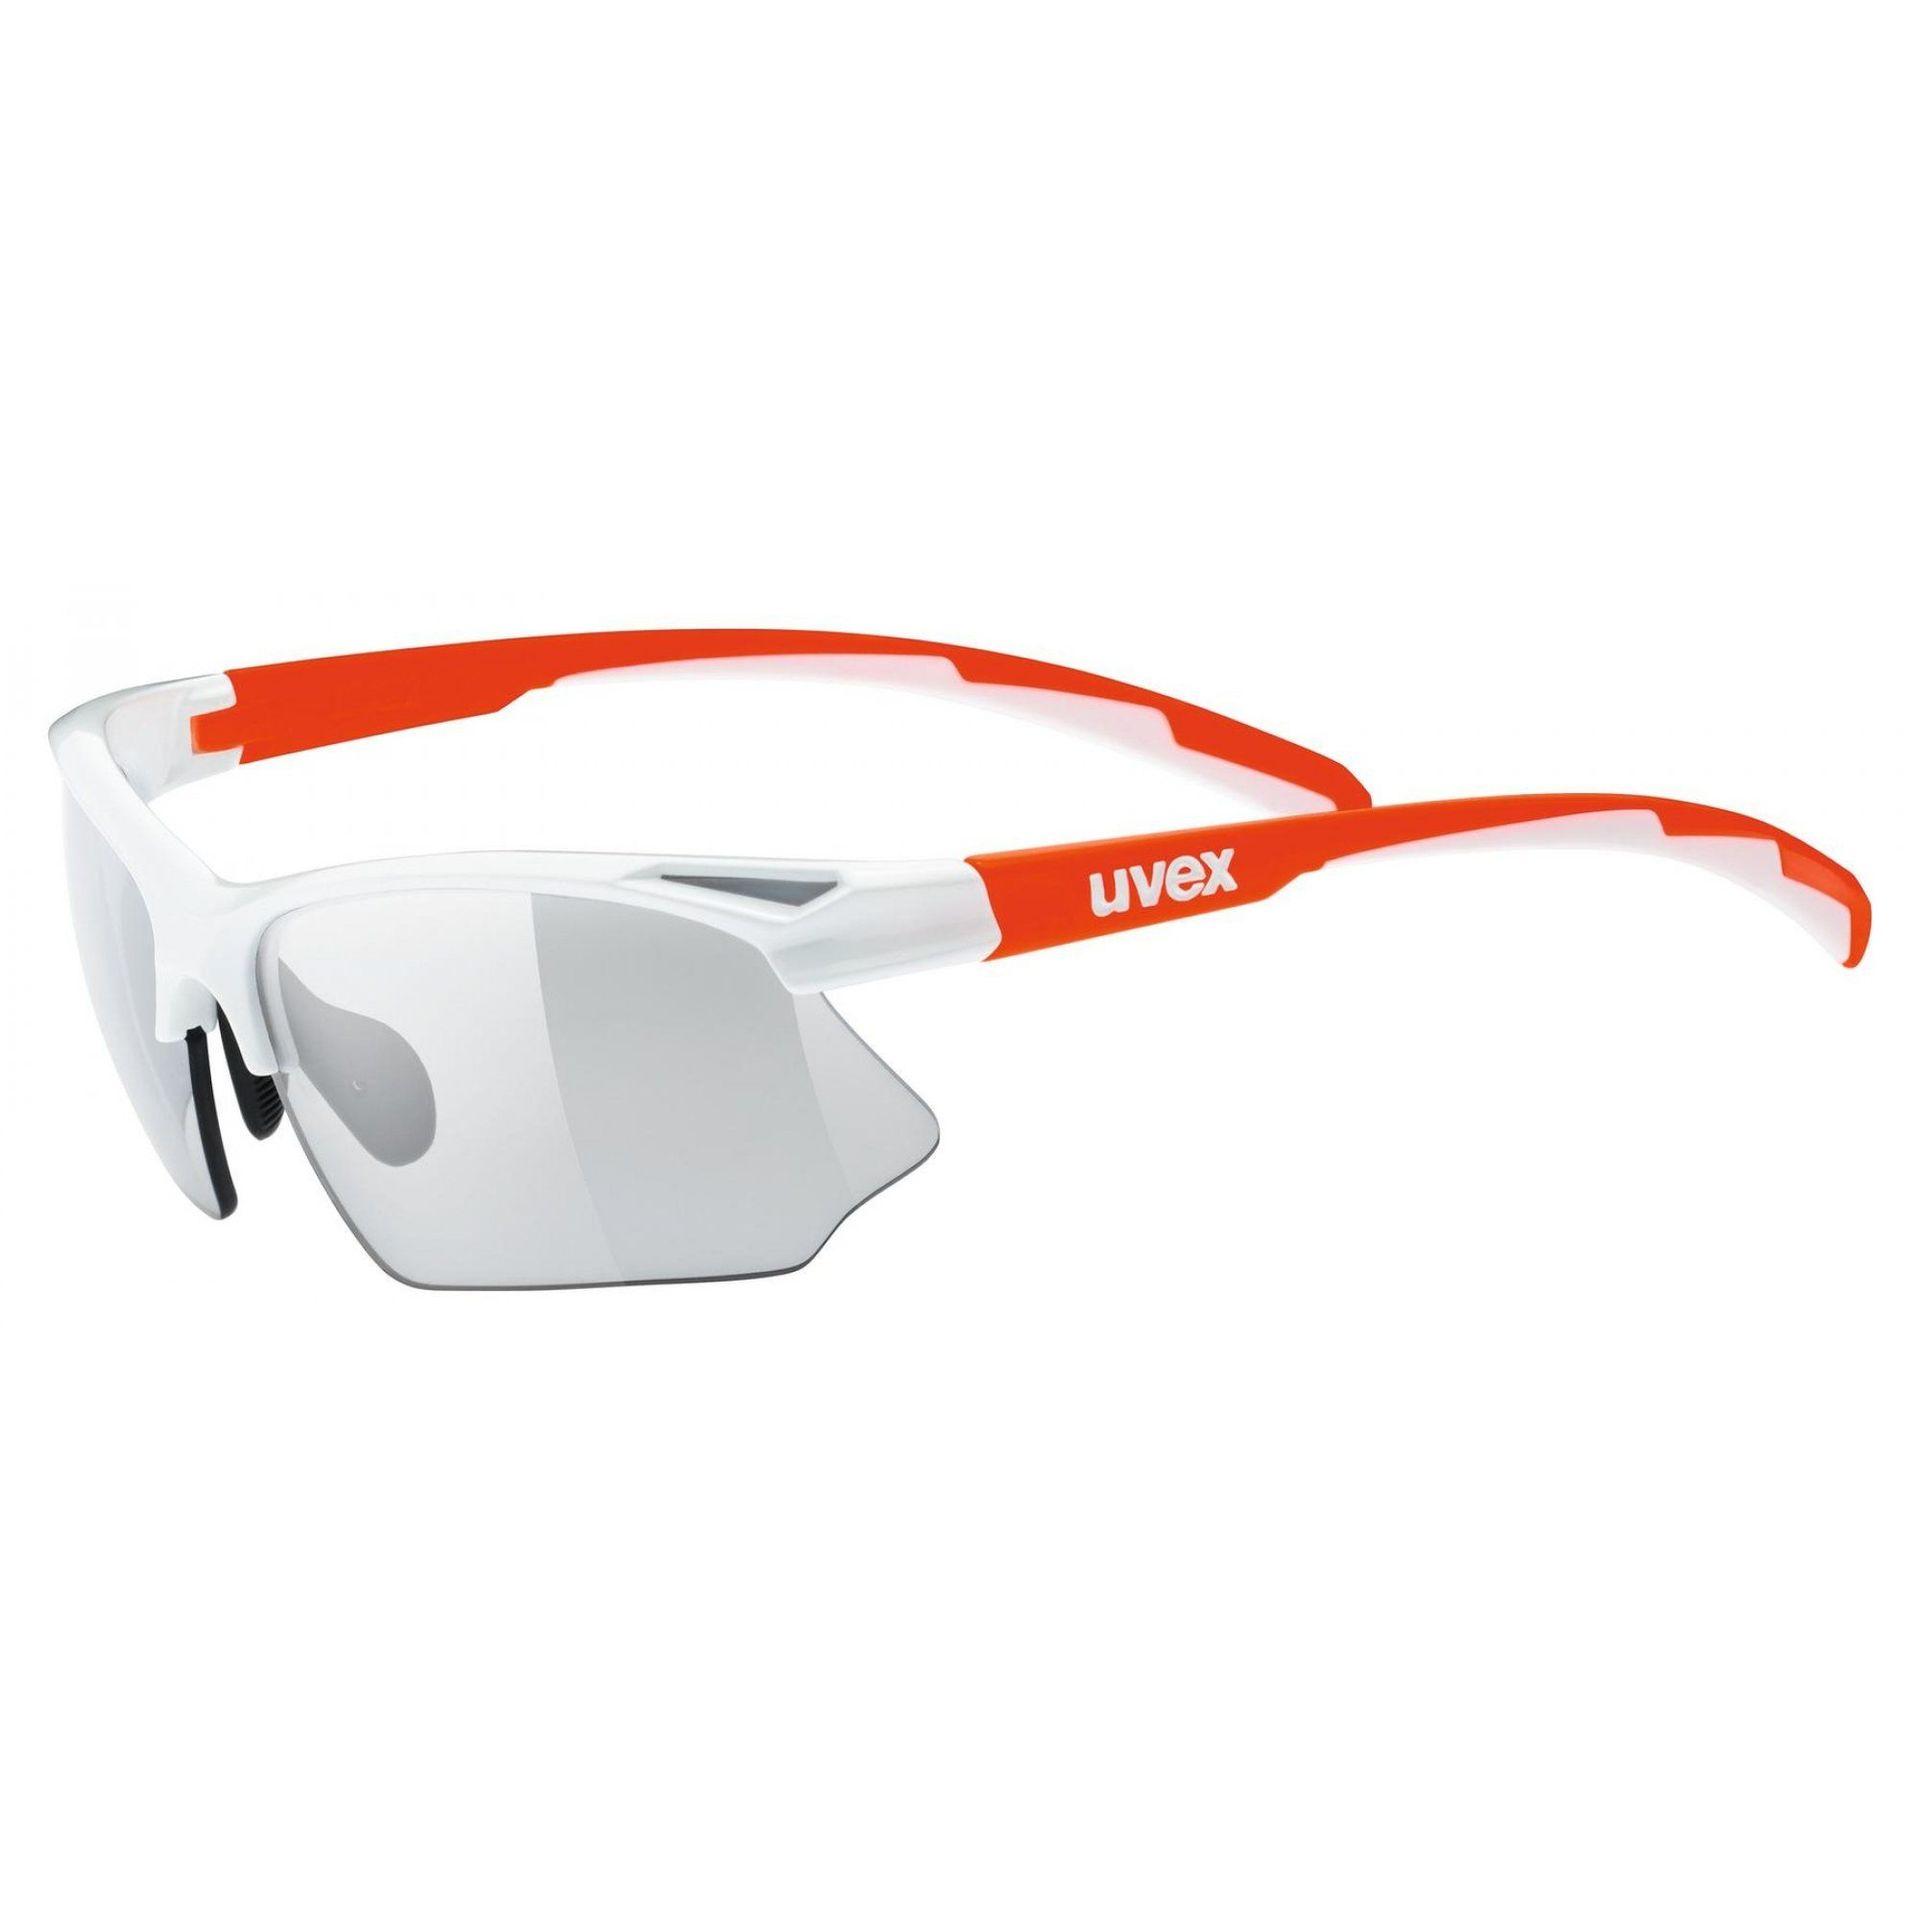 OKULARY UVEX SPORTSTYLE 802 V WHITE ORANGE